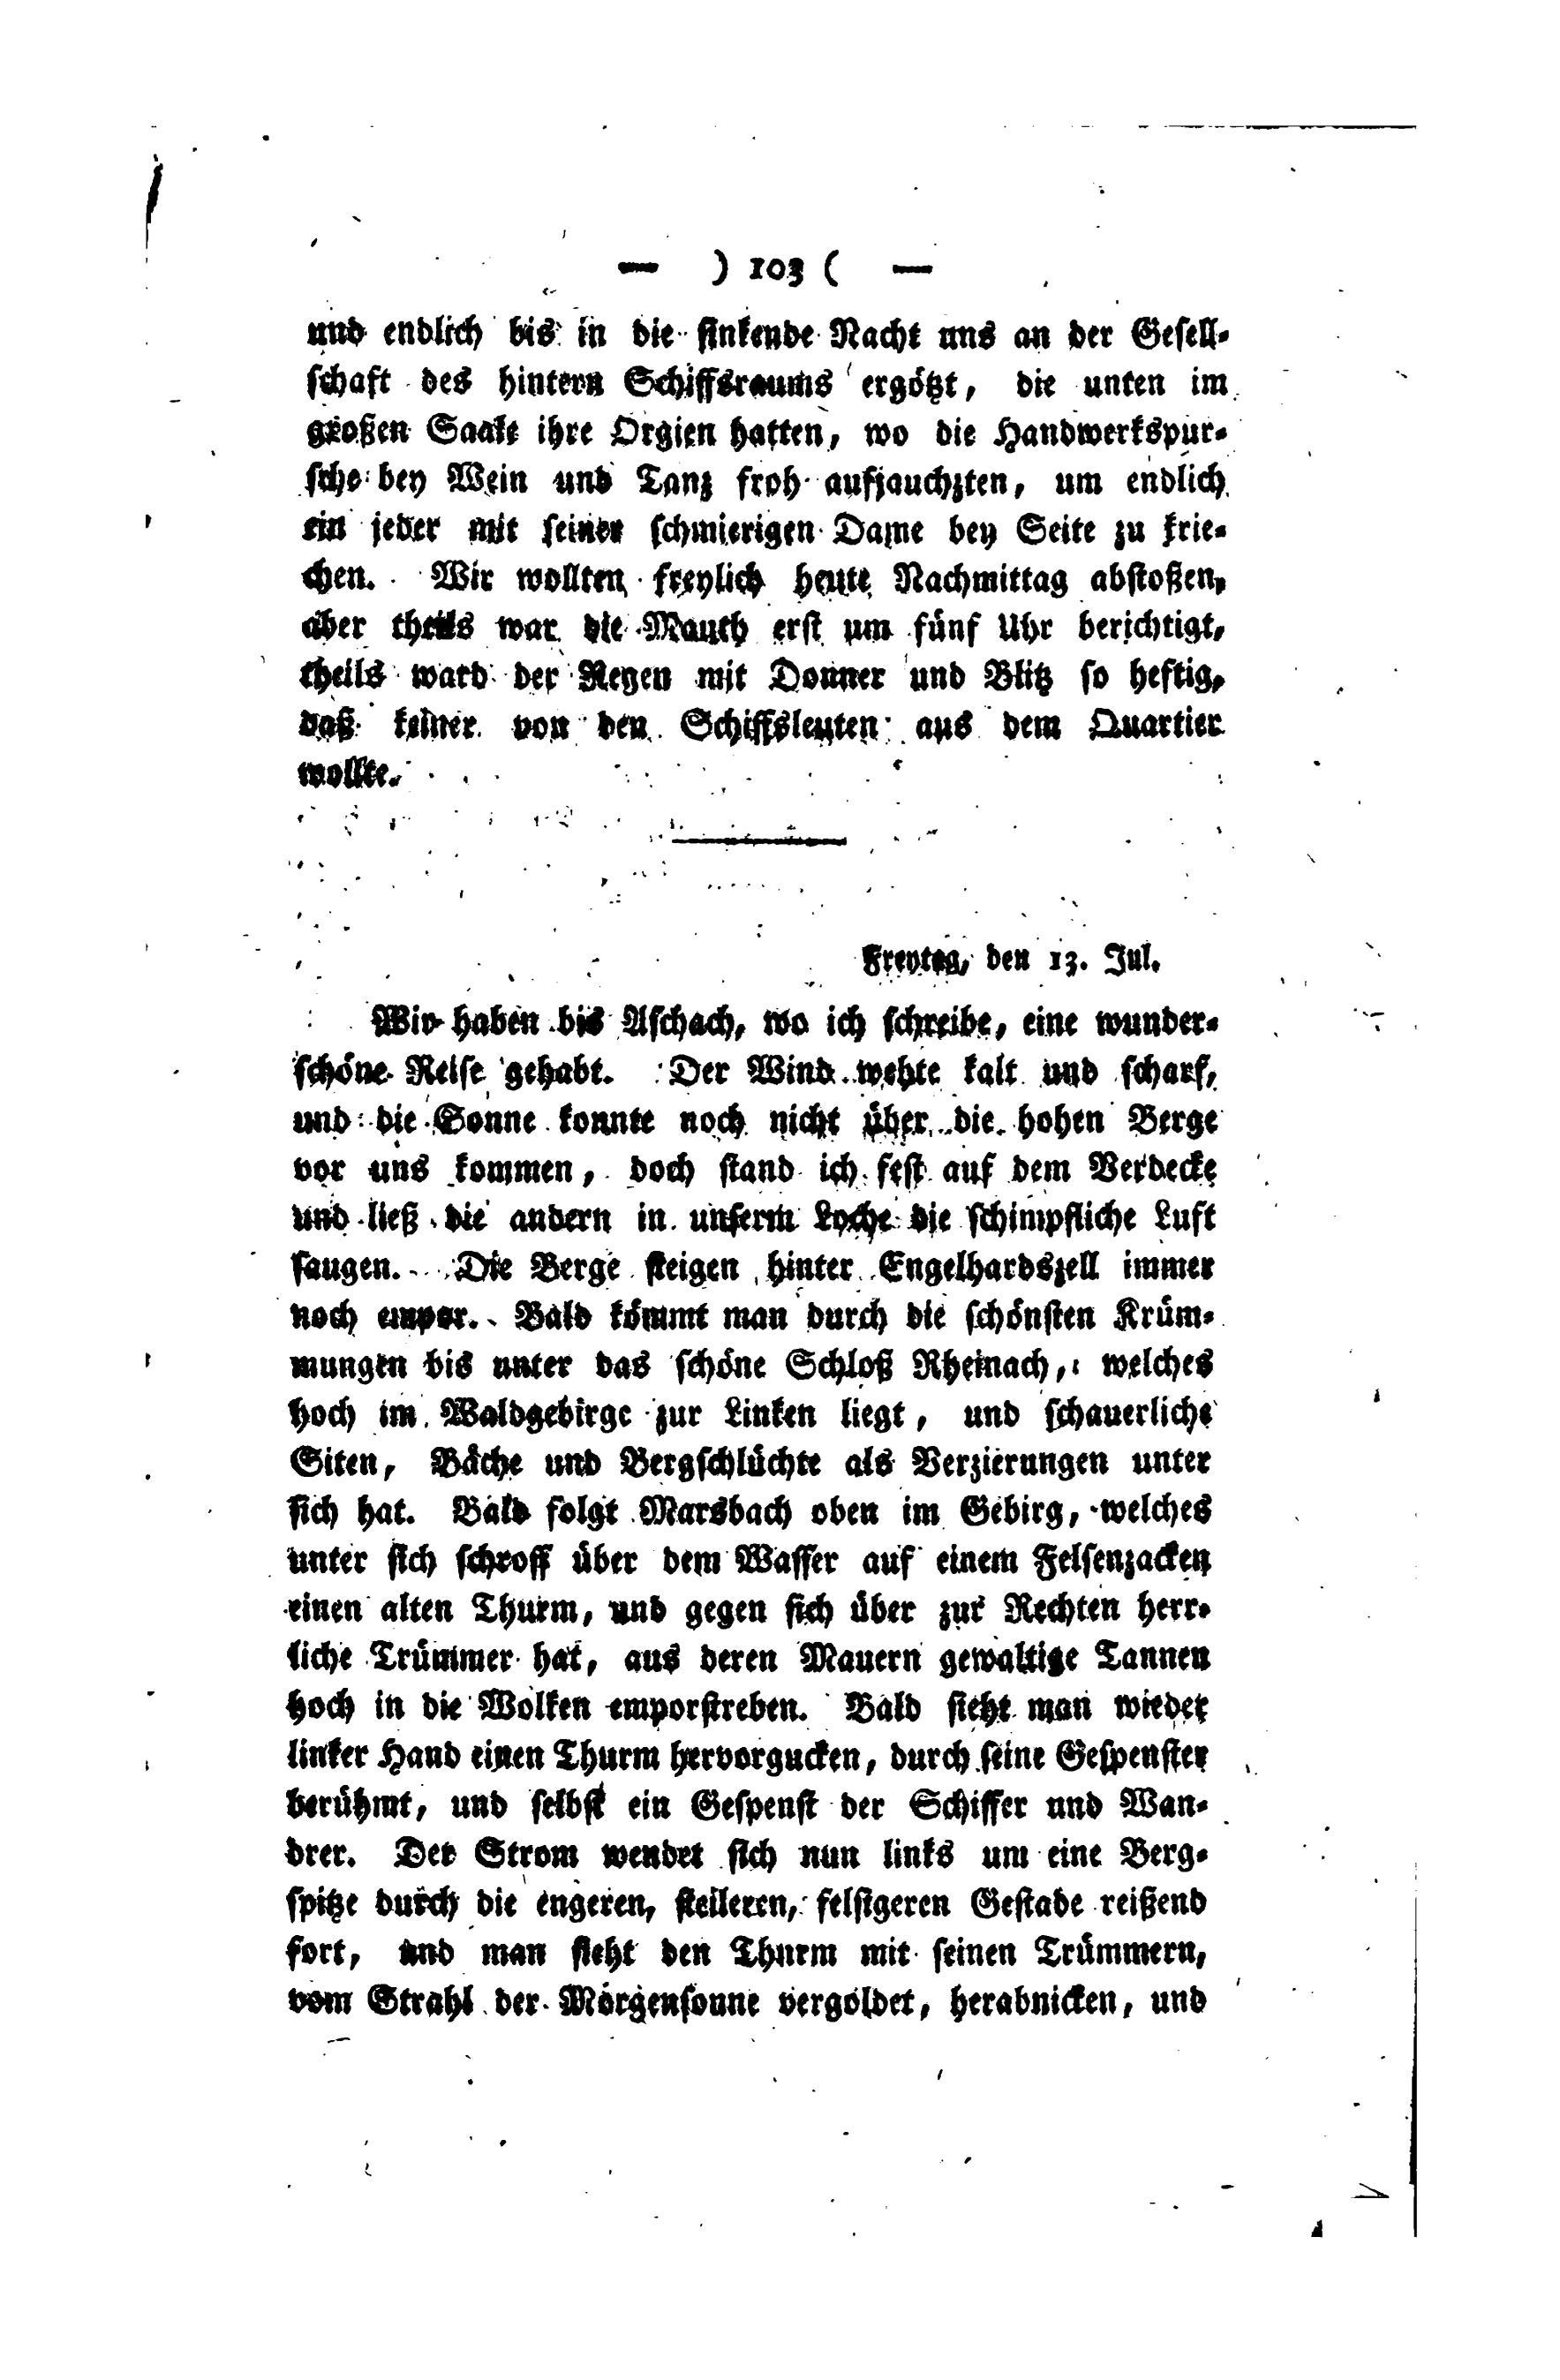 File:De Reisen De Hu It Fr (Arndt) 109.jpg - Wikimedia Commons